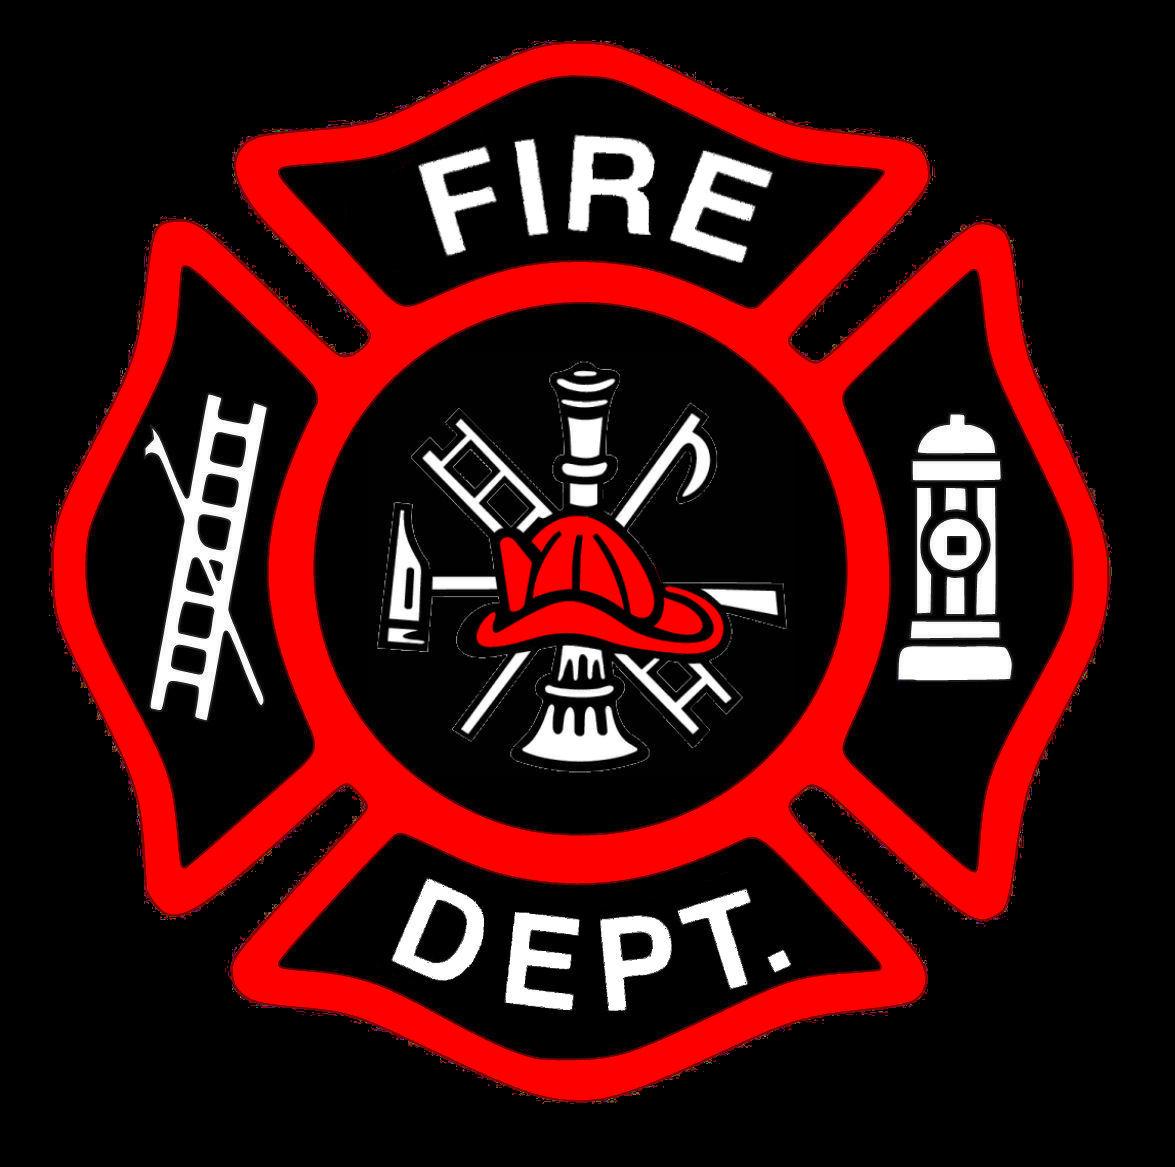 Shield . Firefighter clipart emblem